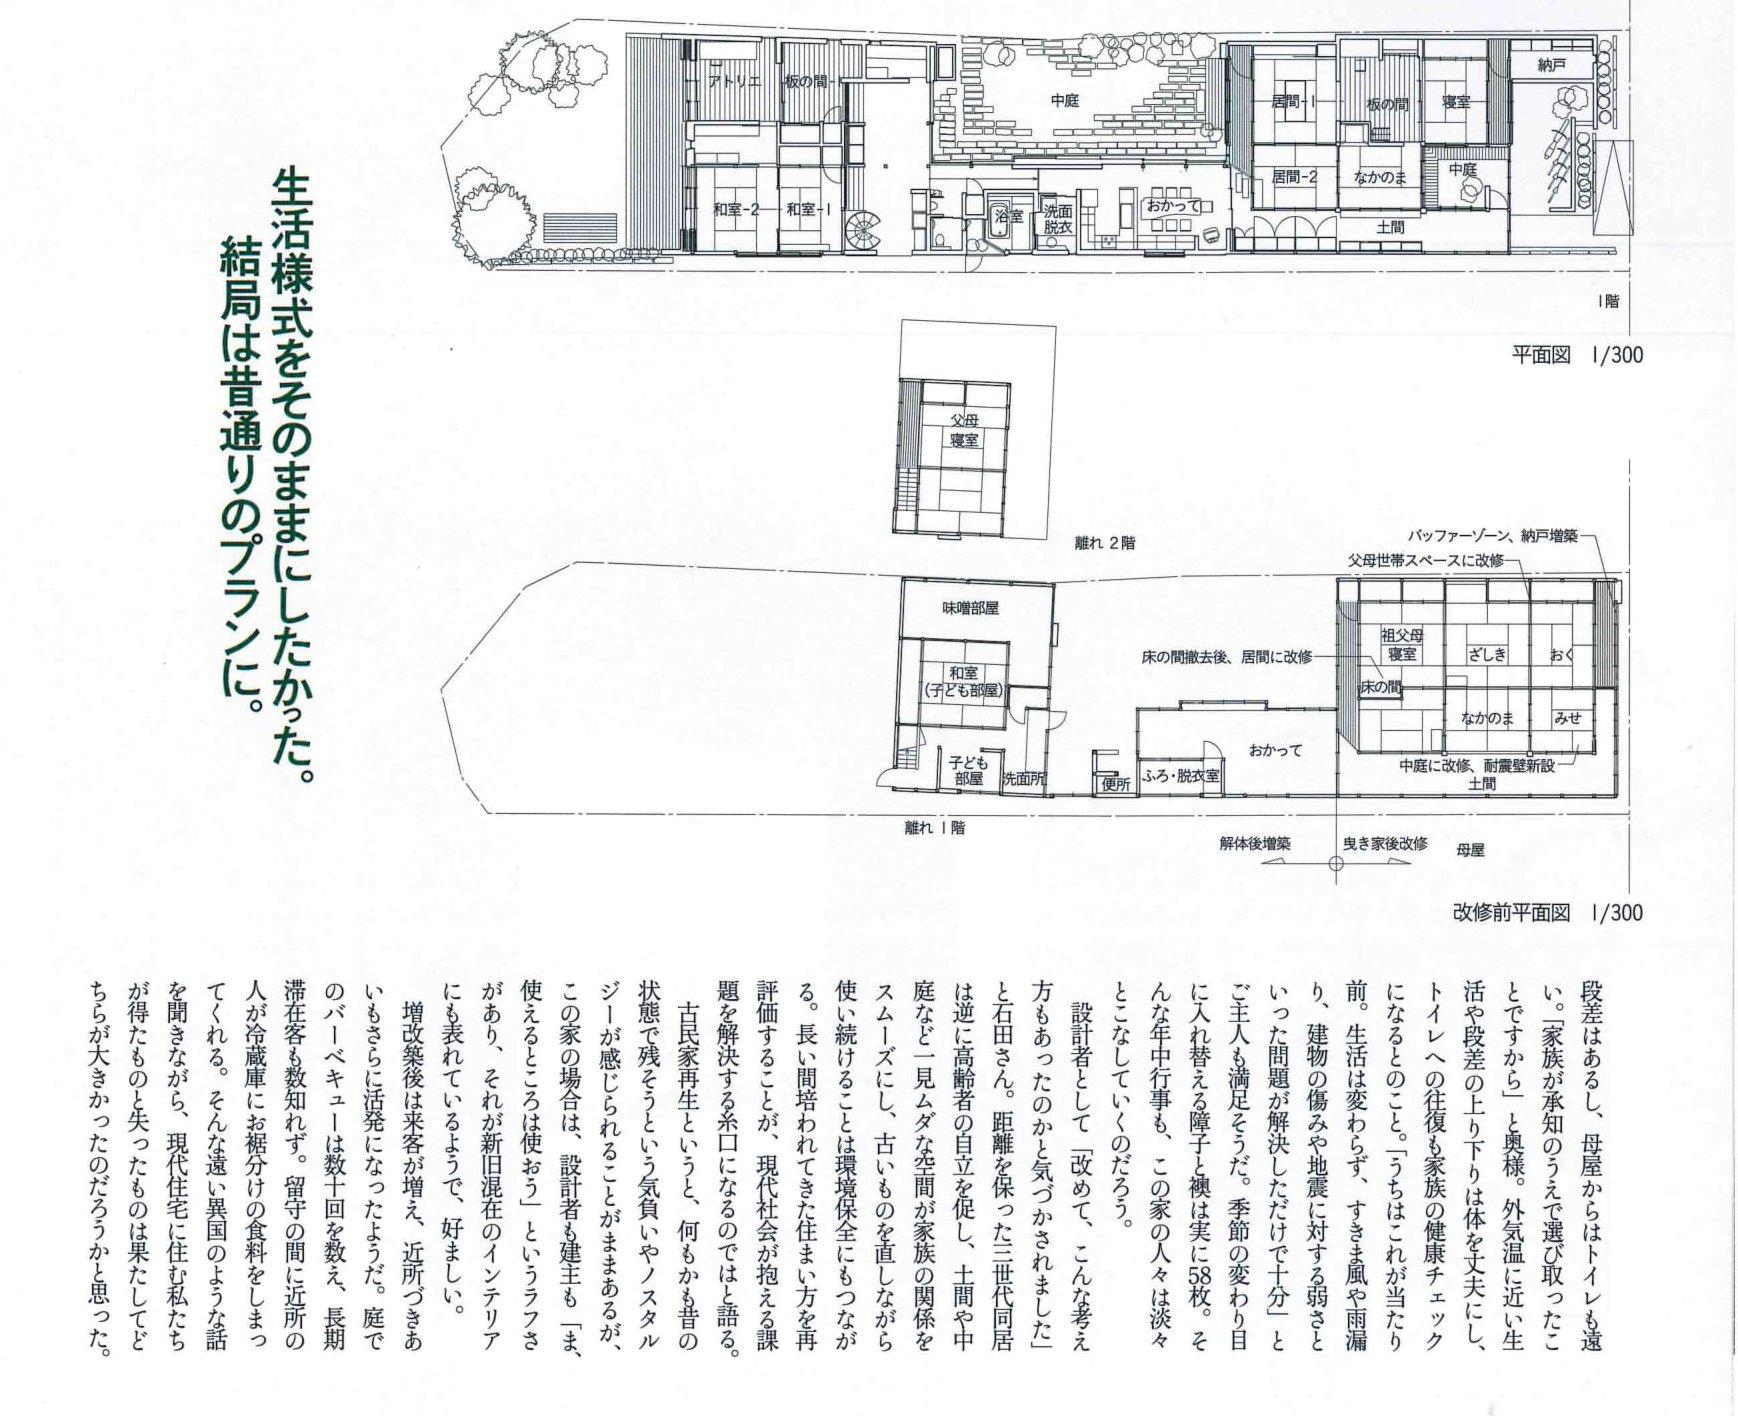 本当に住みたい家について考えるいい機会かもしれません:その5_e0102445_14543597.jpg